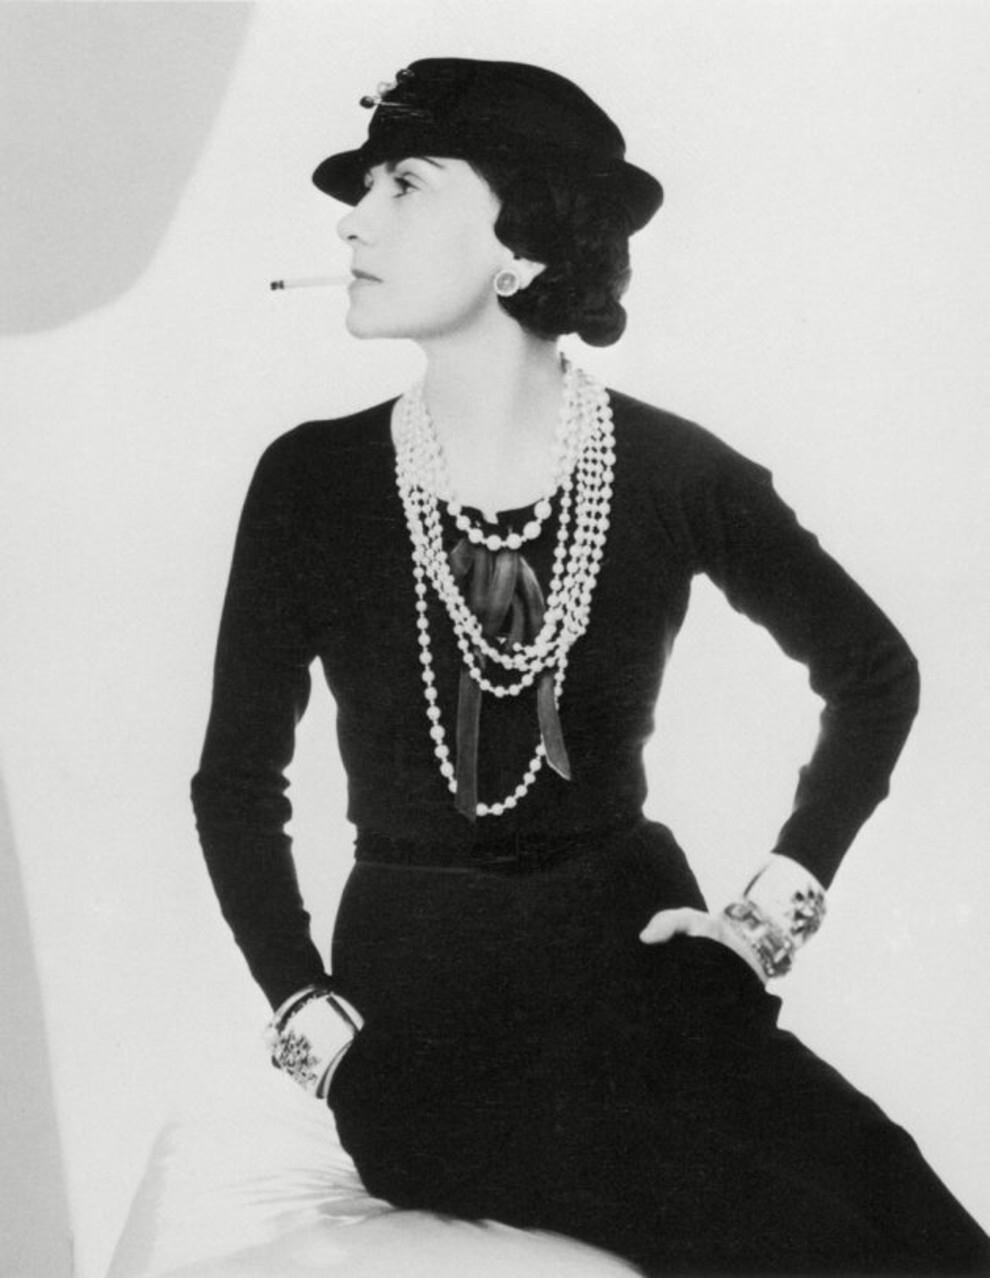 День рождения Коко Шанель: какой вклад внесла знаменитая Мадмуазель в моду - фото №4